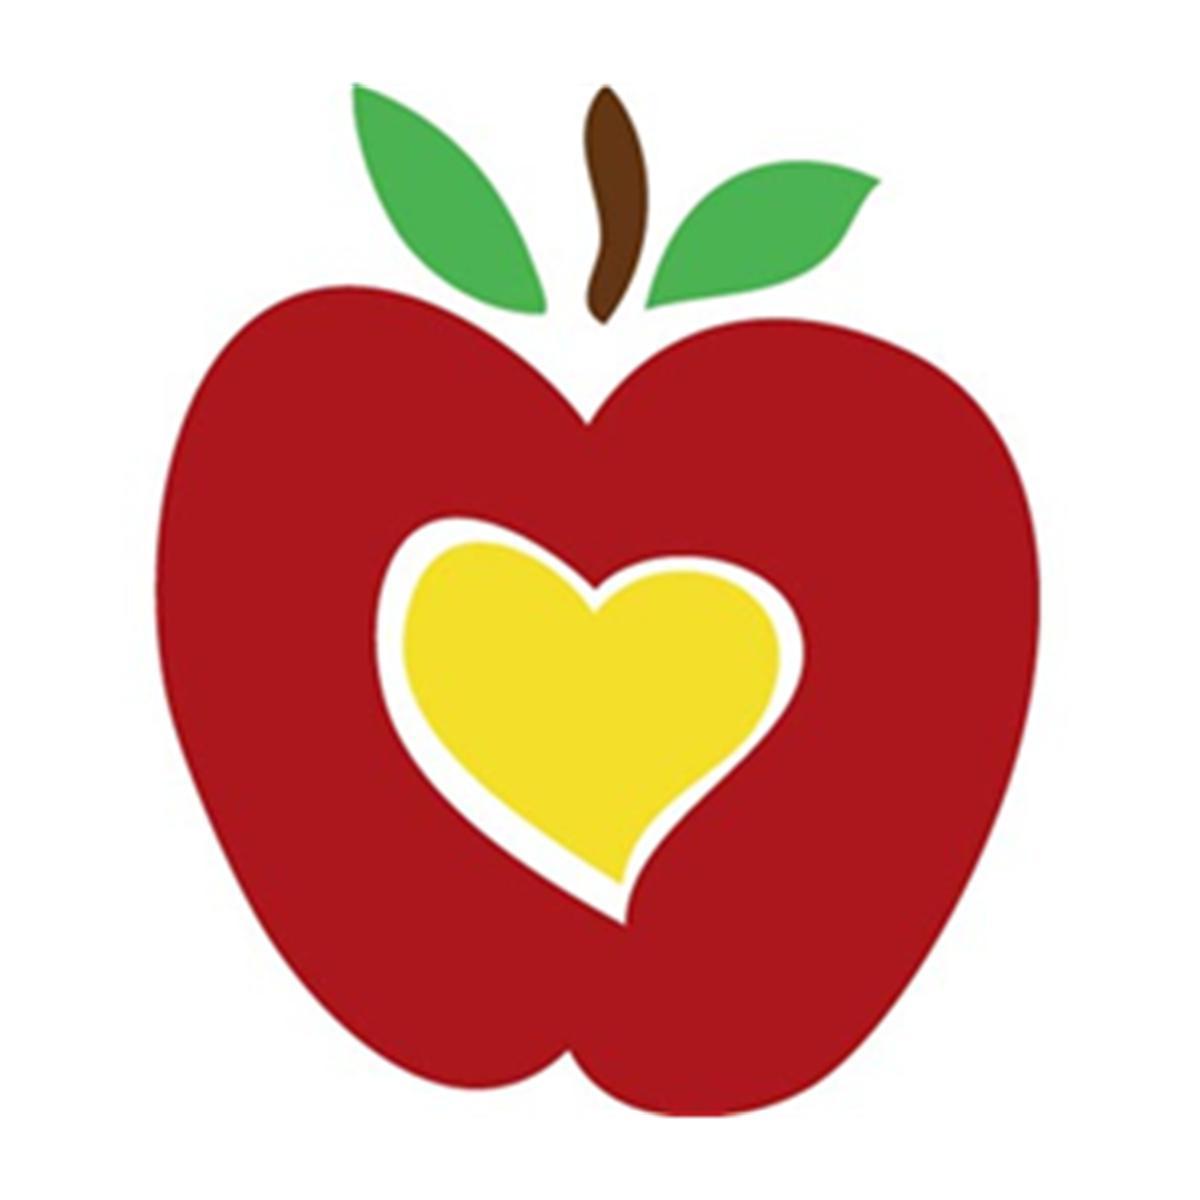 1200x1200 Best 15 Apple Emoji Clipart Photos